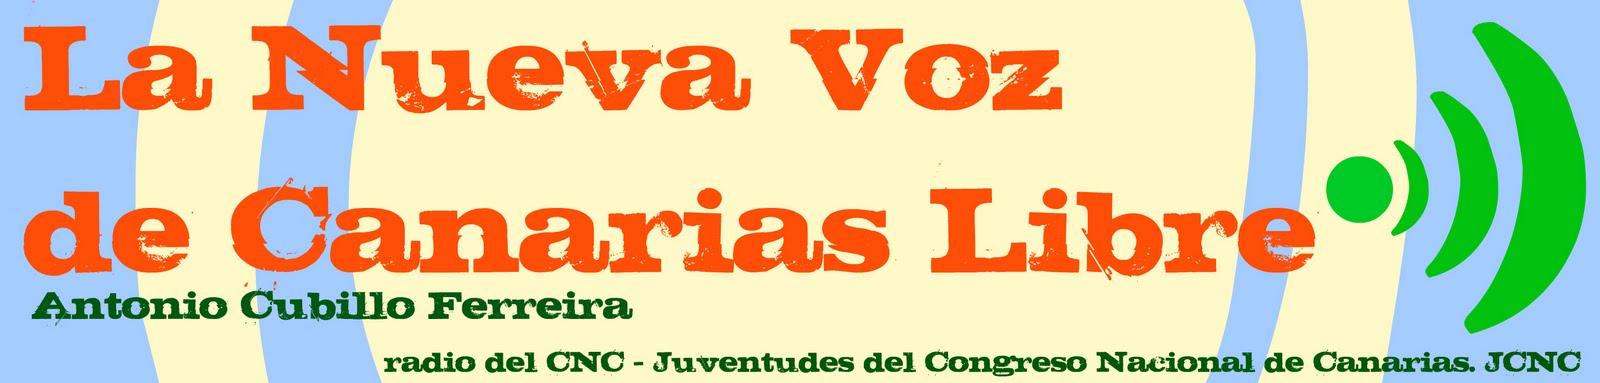 La Nueva Voz de Canarias Libre